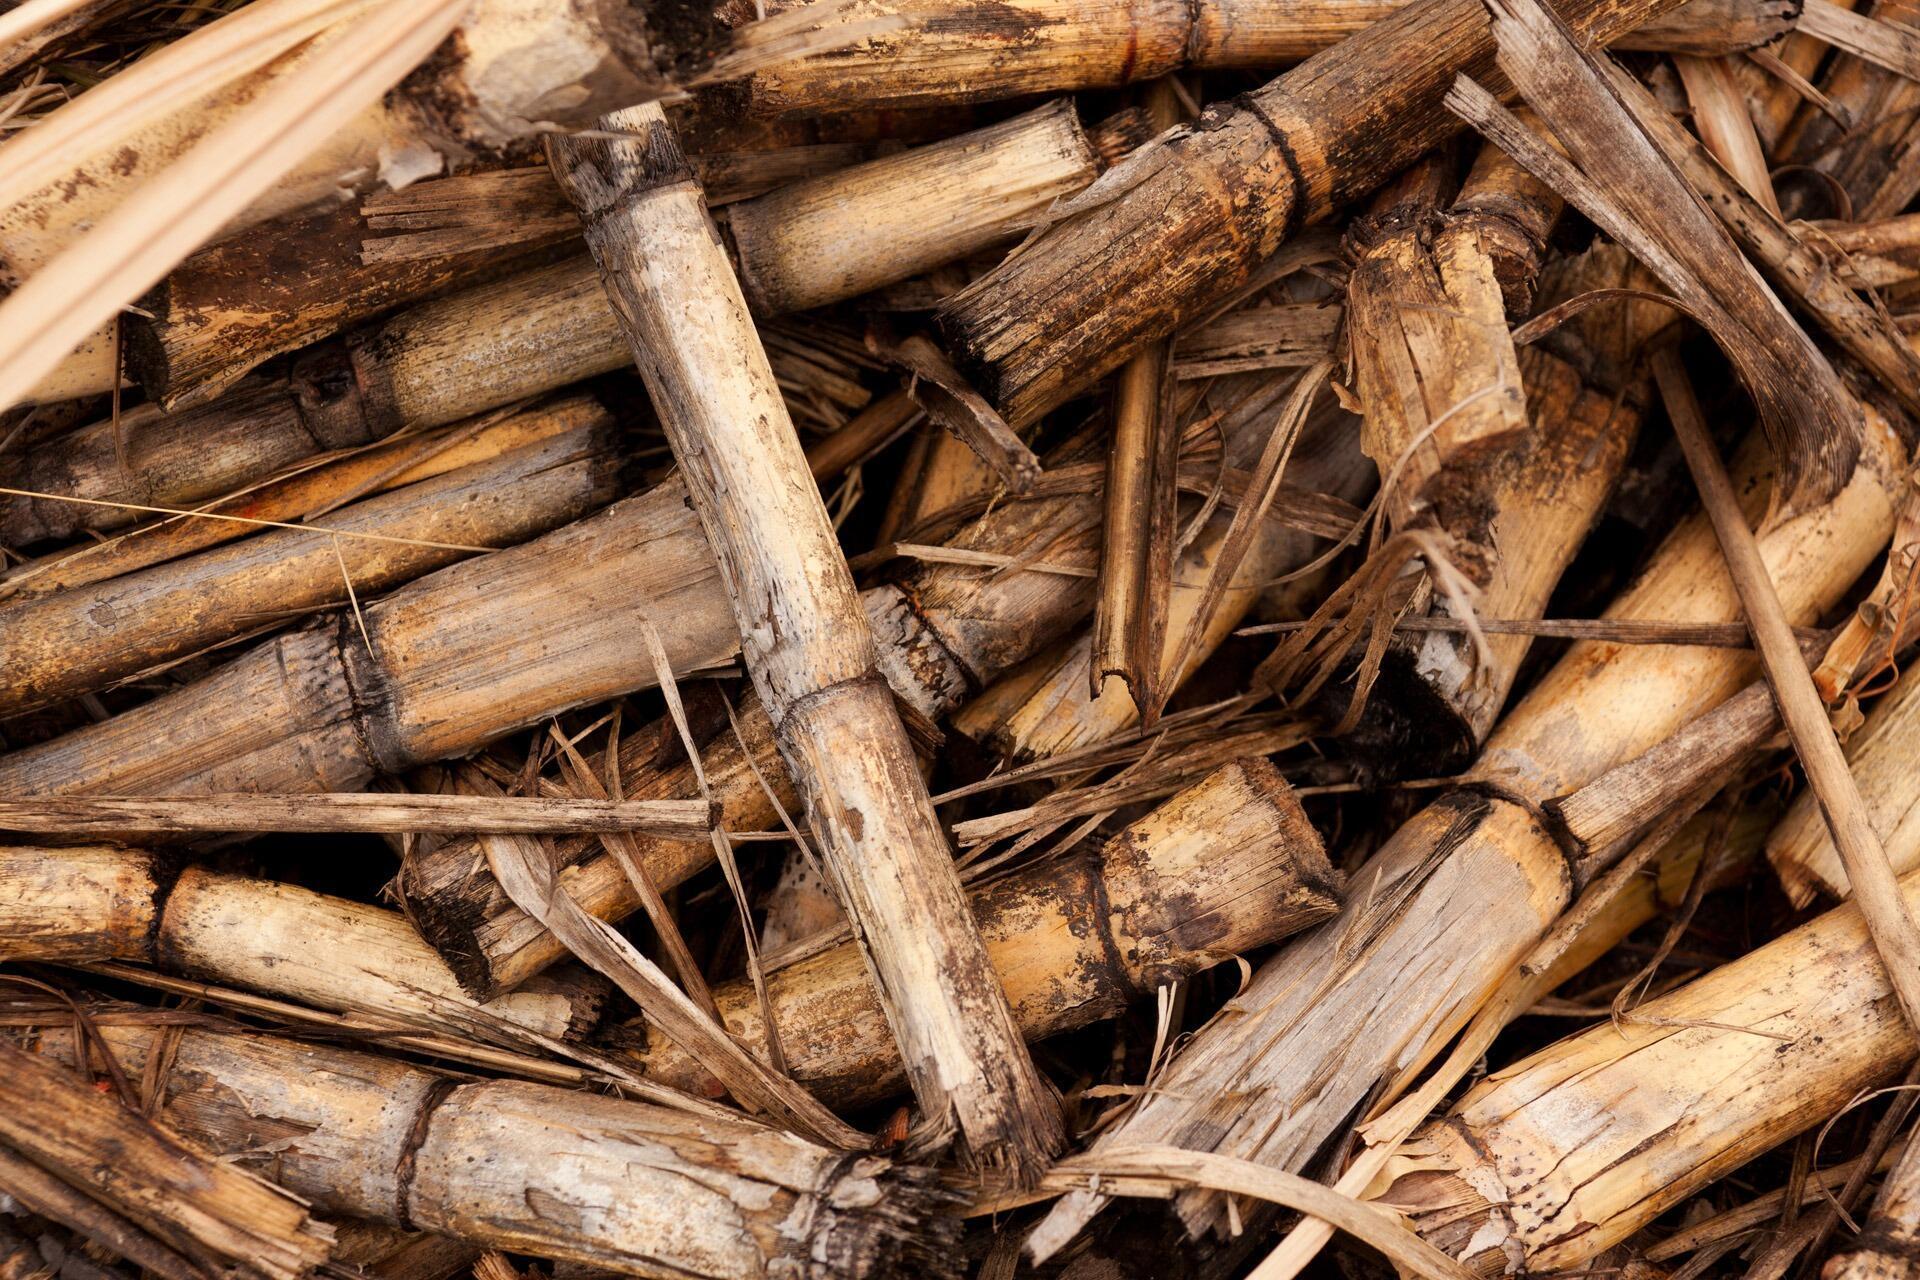 Une récolte de canne à sucre.